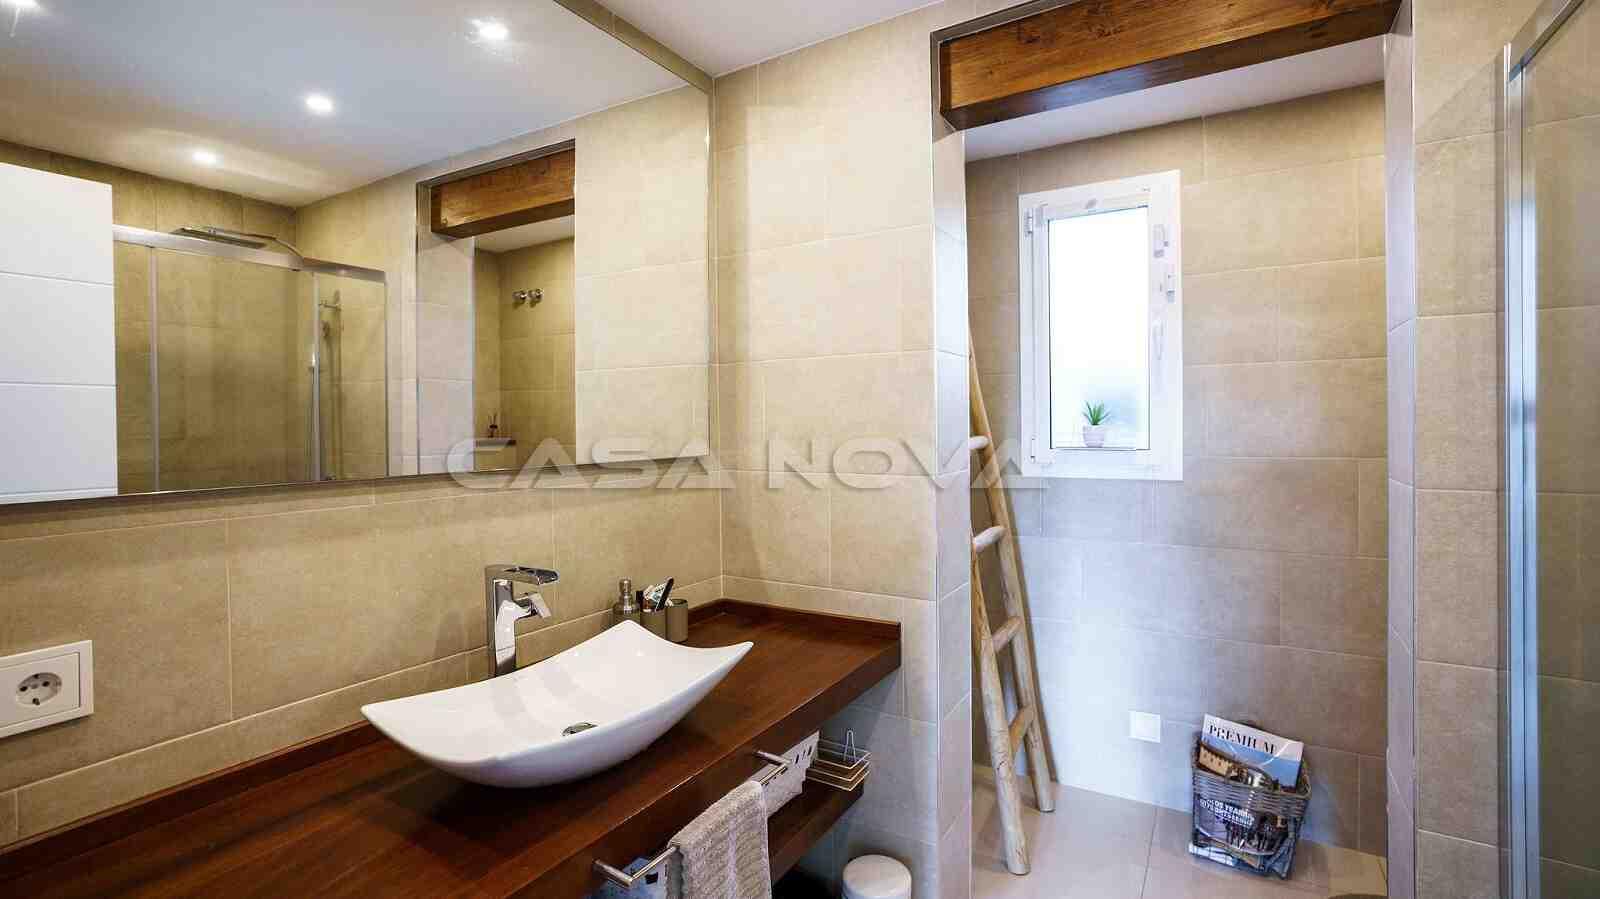 Ref. 2303031 - Hochmodernes Badezimmer mit Glasdusche